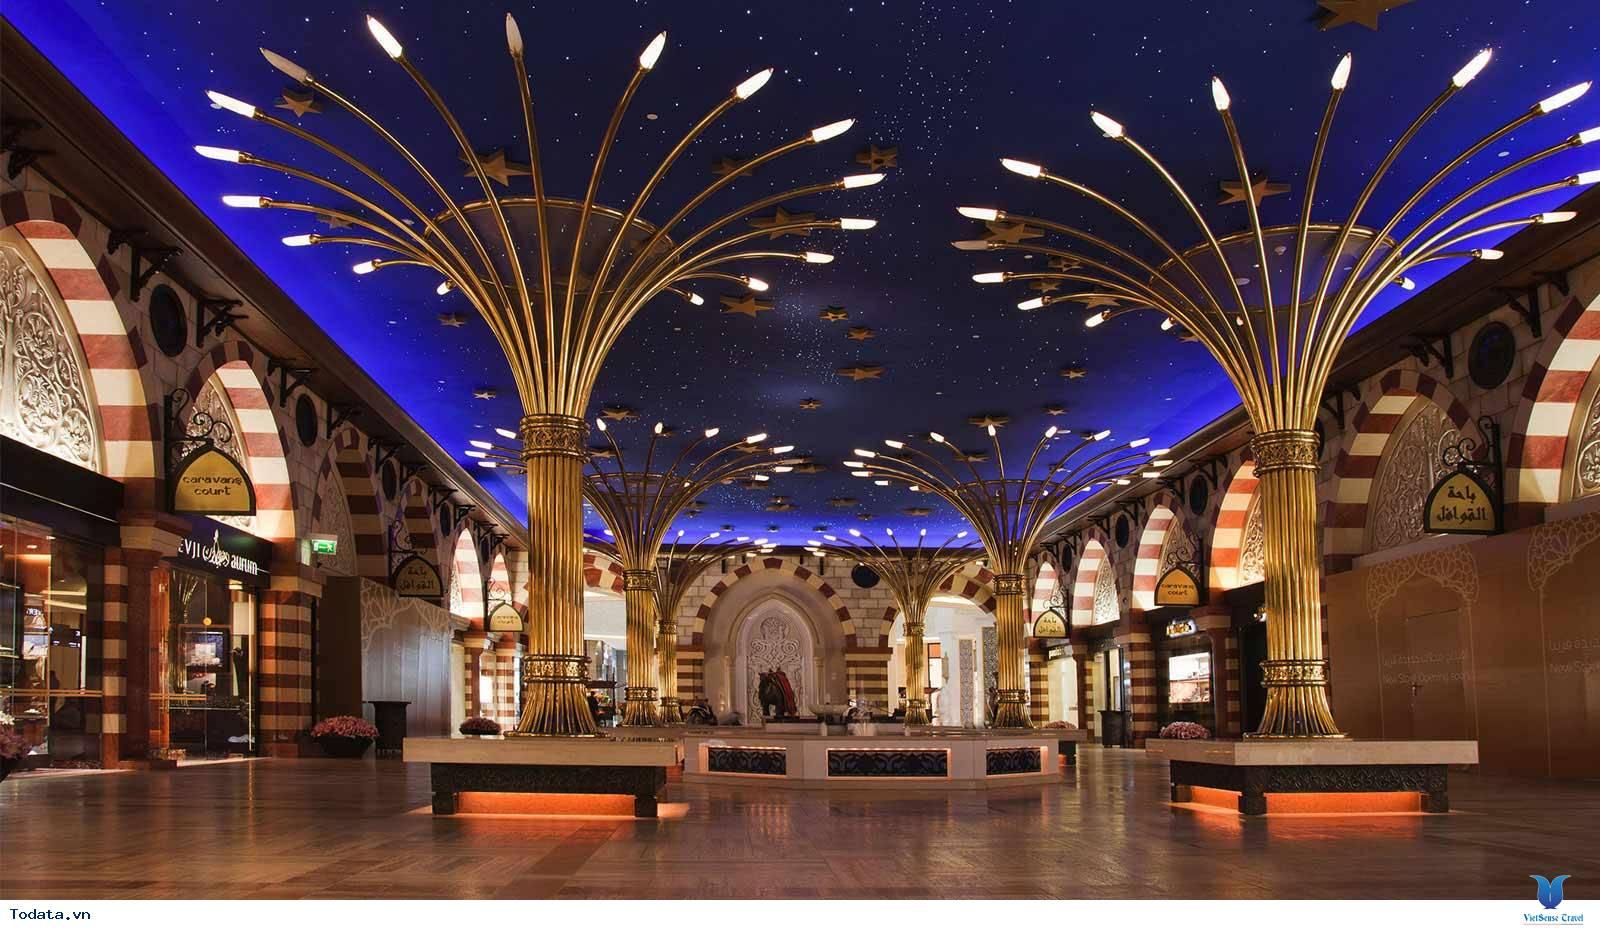 Khám Phá Trung Tâm Mua Sắm Lớn Nhất Thế Giới Dubai Mall - Ảnh 7